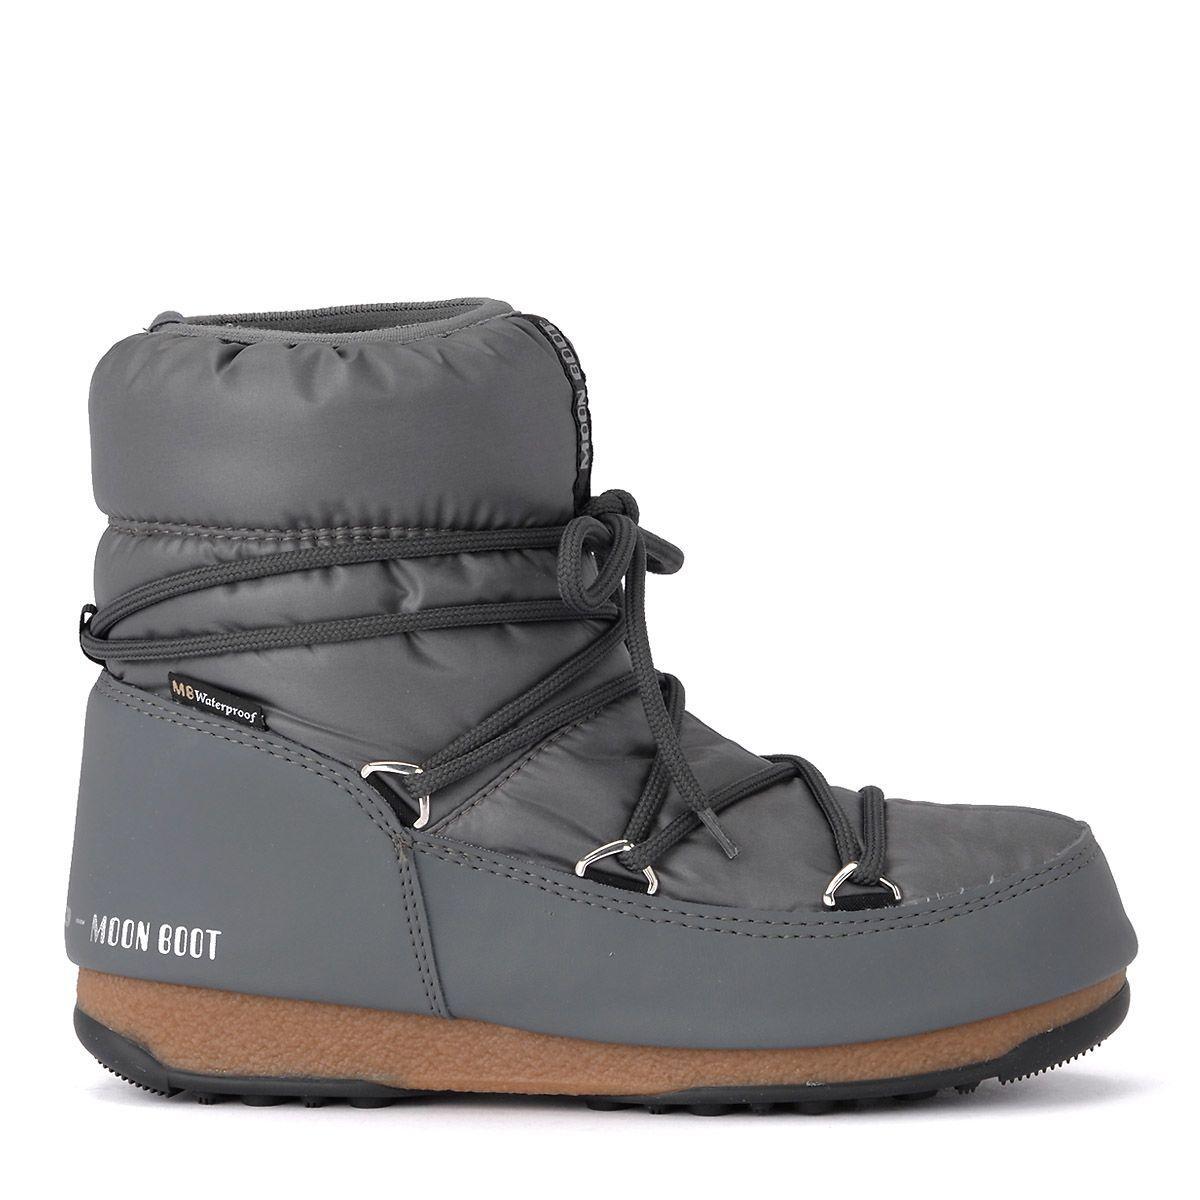 Moon Boot W.e. Low Grey Nylon Waterproof . In Grigio